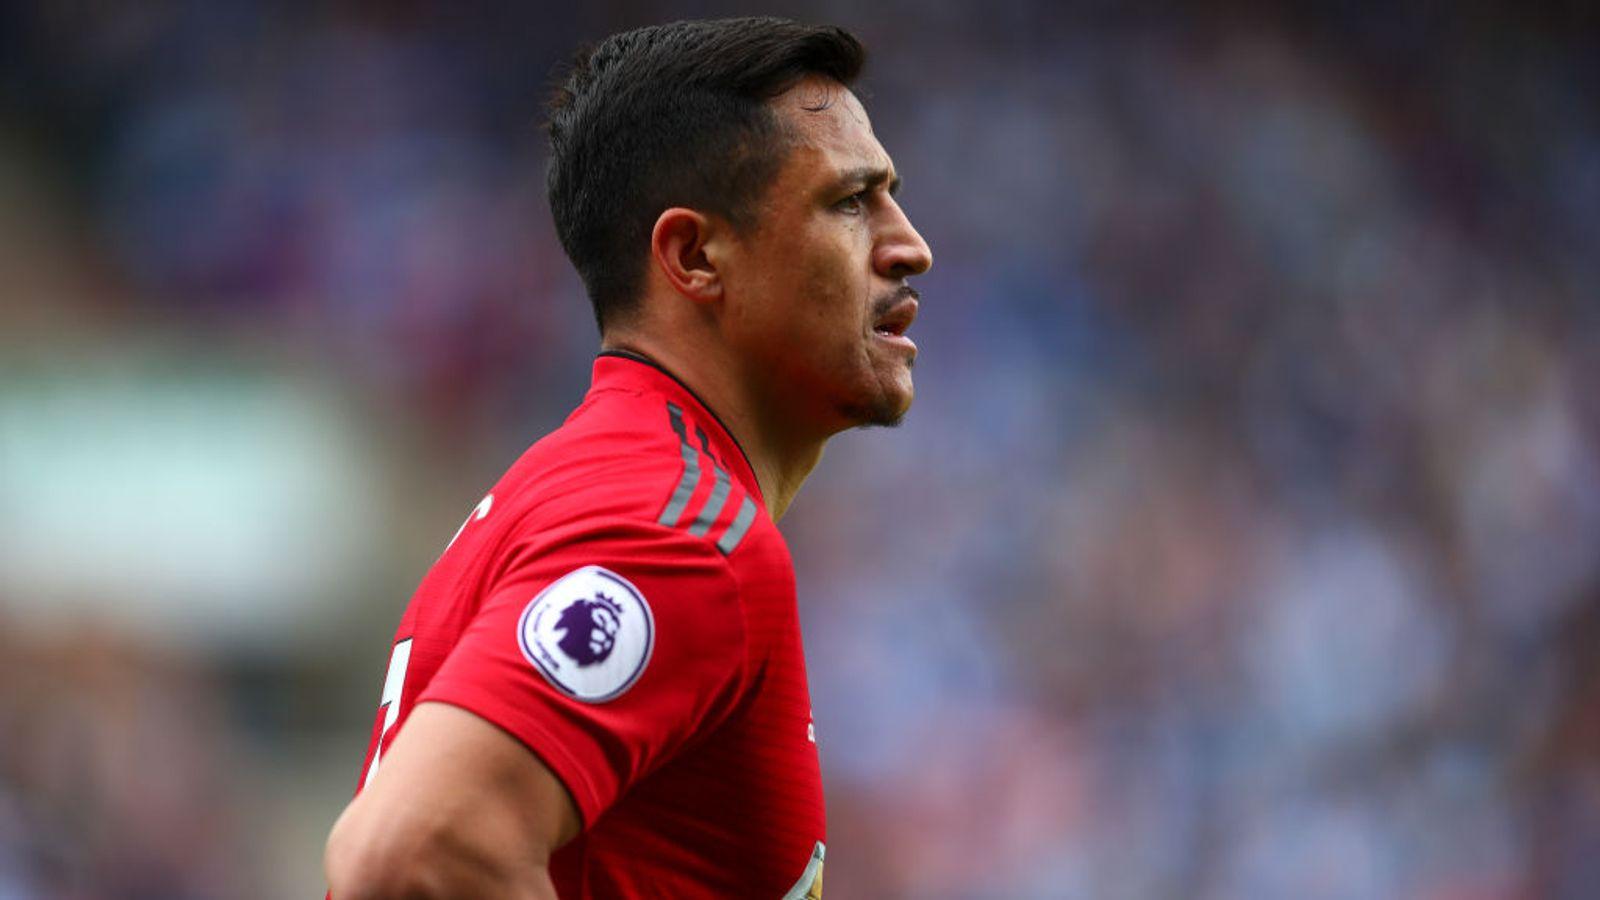 Paul Merson dice: Alexis Sánchez regresa a Man Utd tiene sentido | Noticias de futbol 47